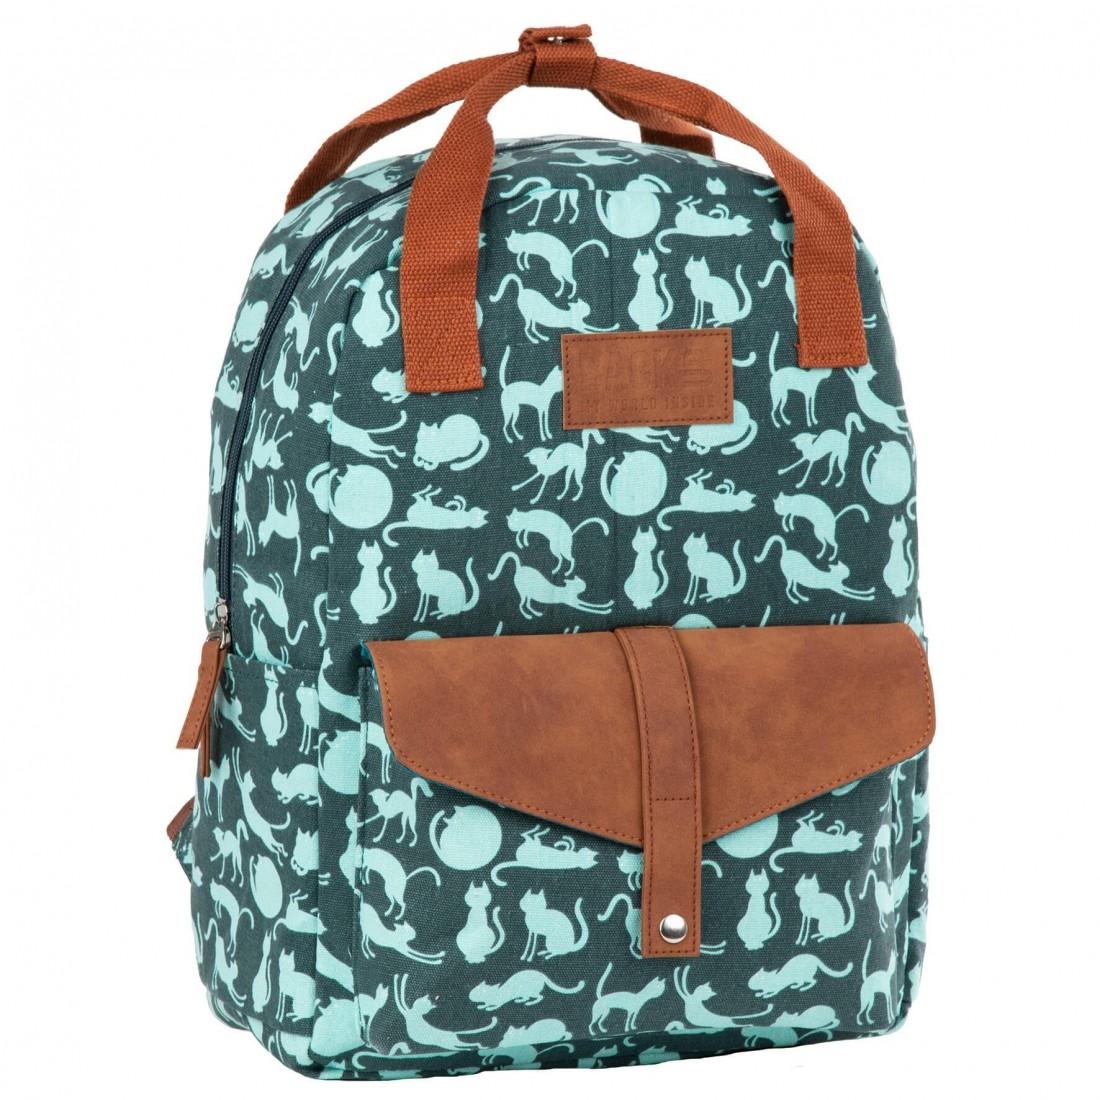 Plecak vintage dla dziewczyny BackUP zielony w miętowe koty - plecak-tornister.pl